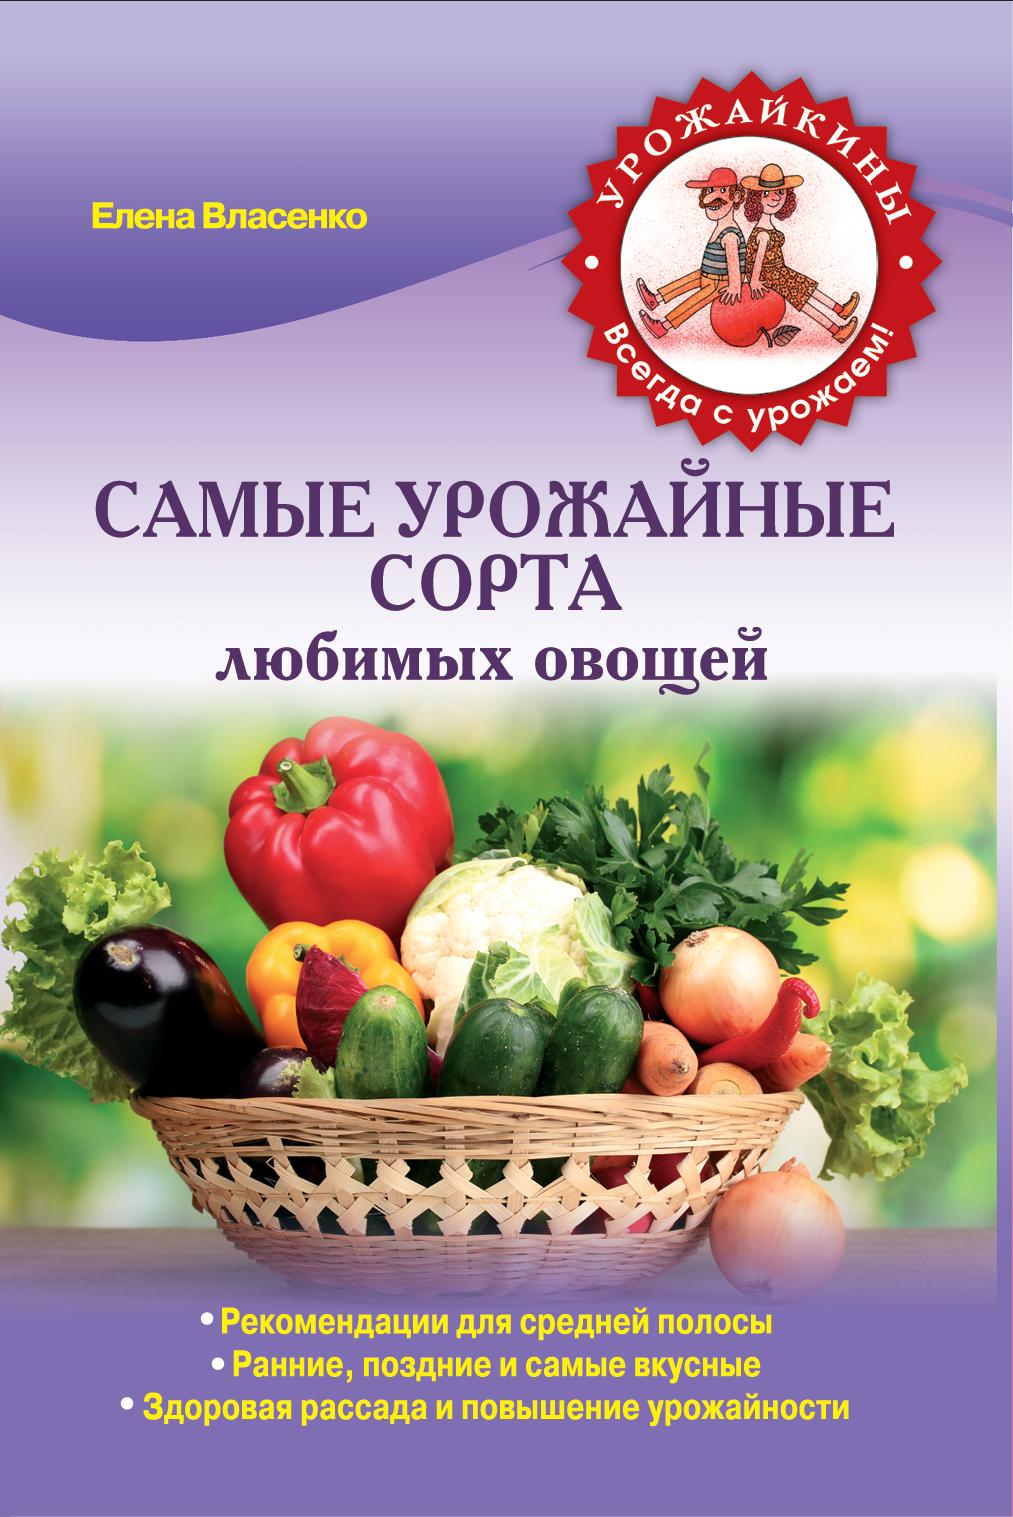 Самые урожайные сорта любимых овощей (Урожайкины. Всегда с урожаем (обложка)) ( Власенко Е.А.  )